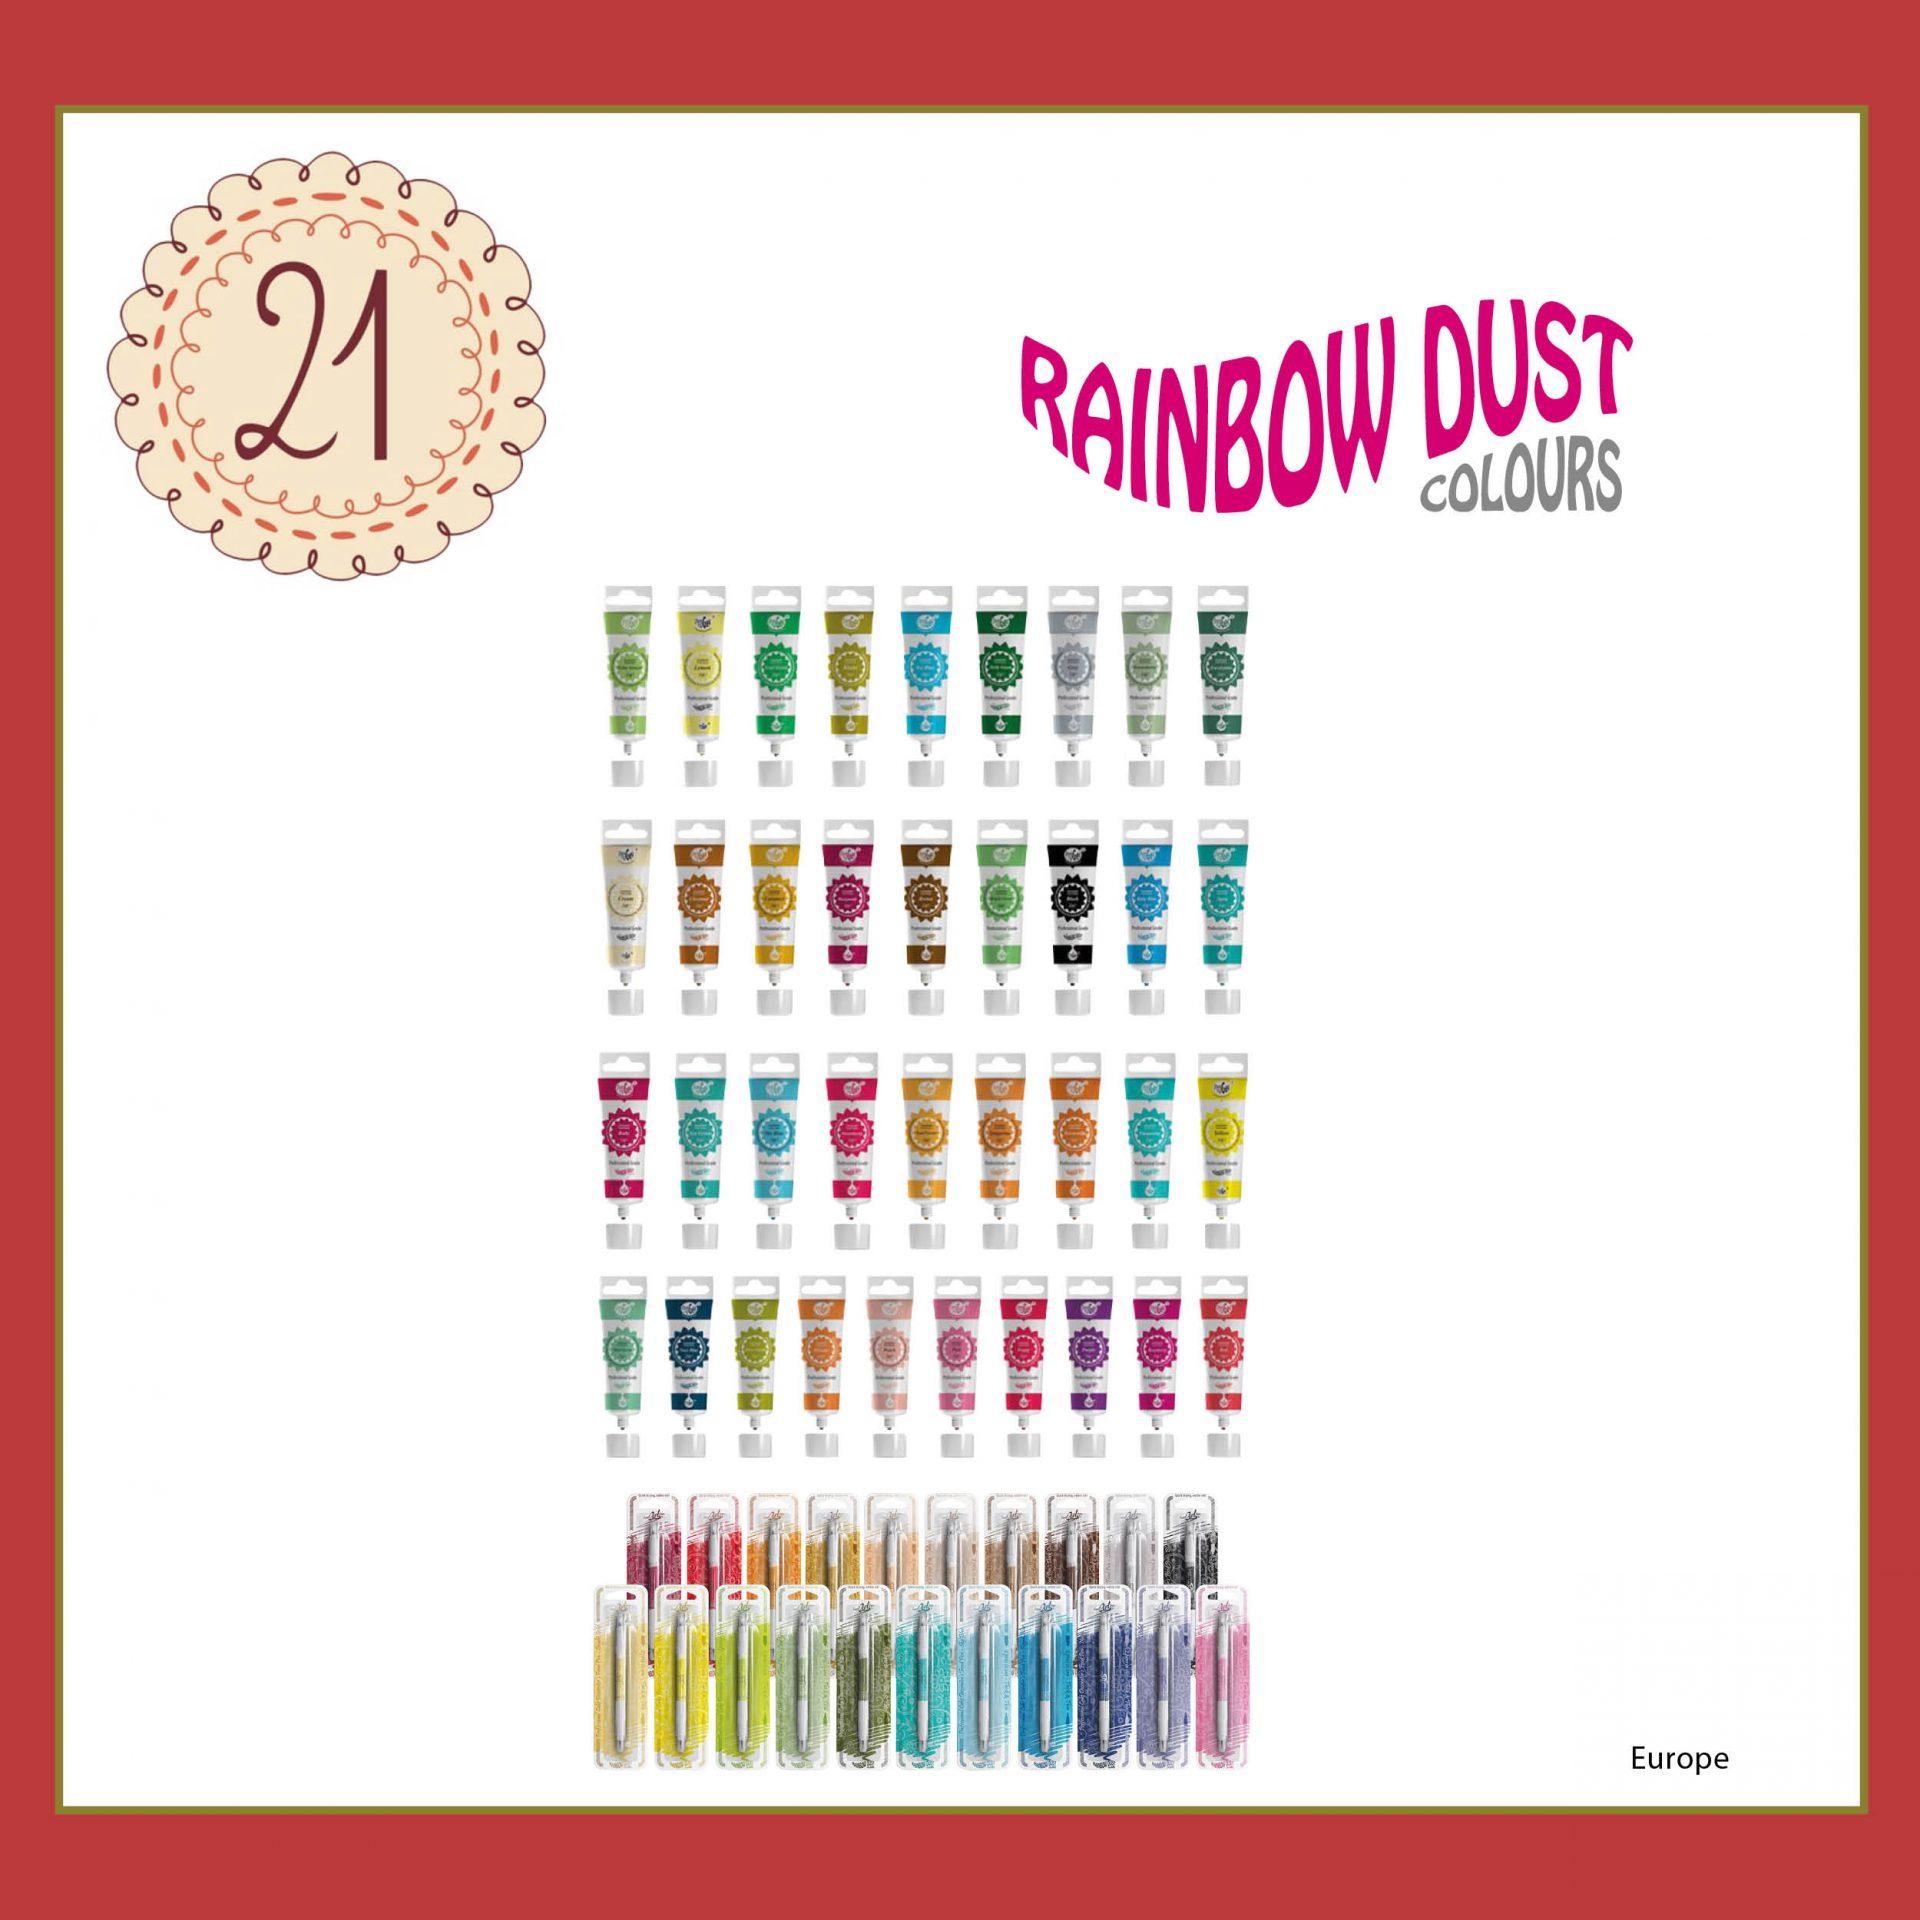 21st-december-rainbow-dust